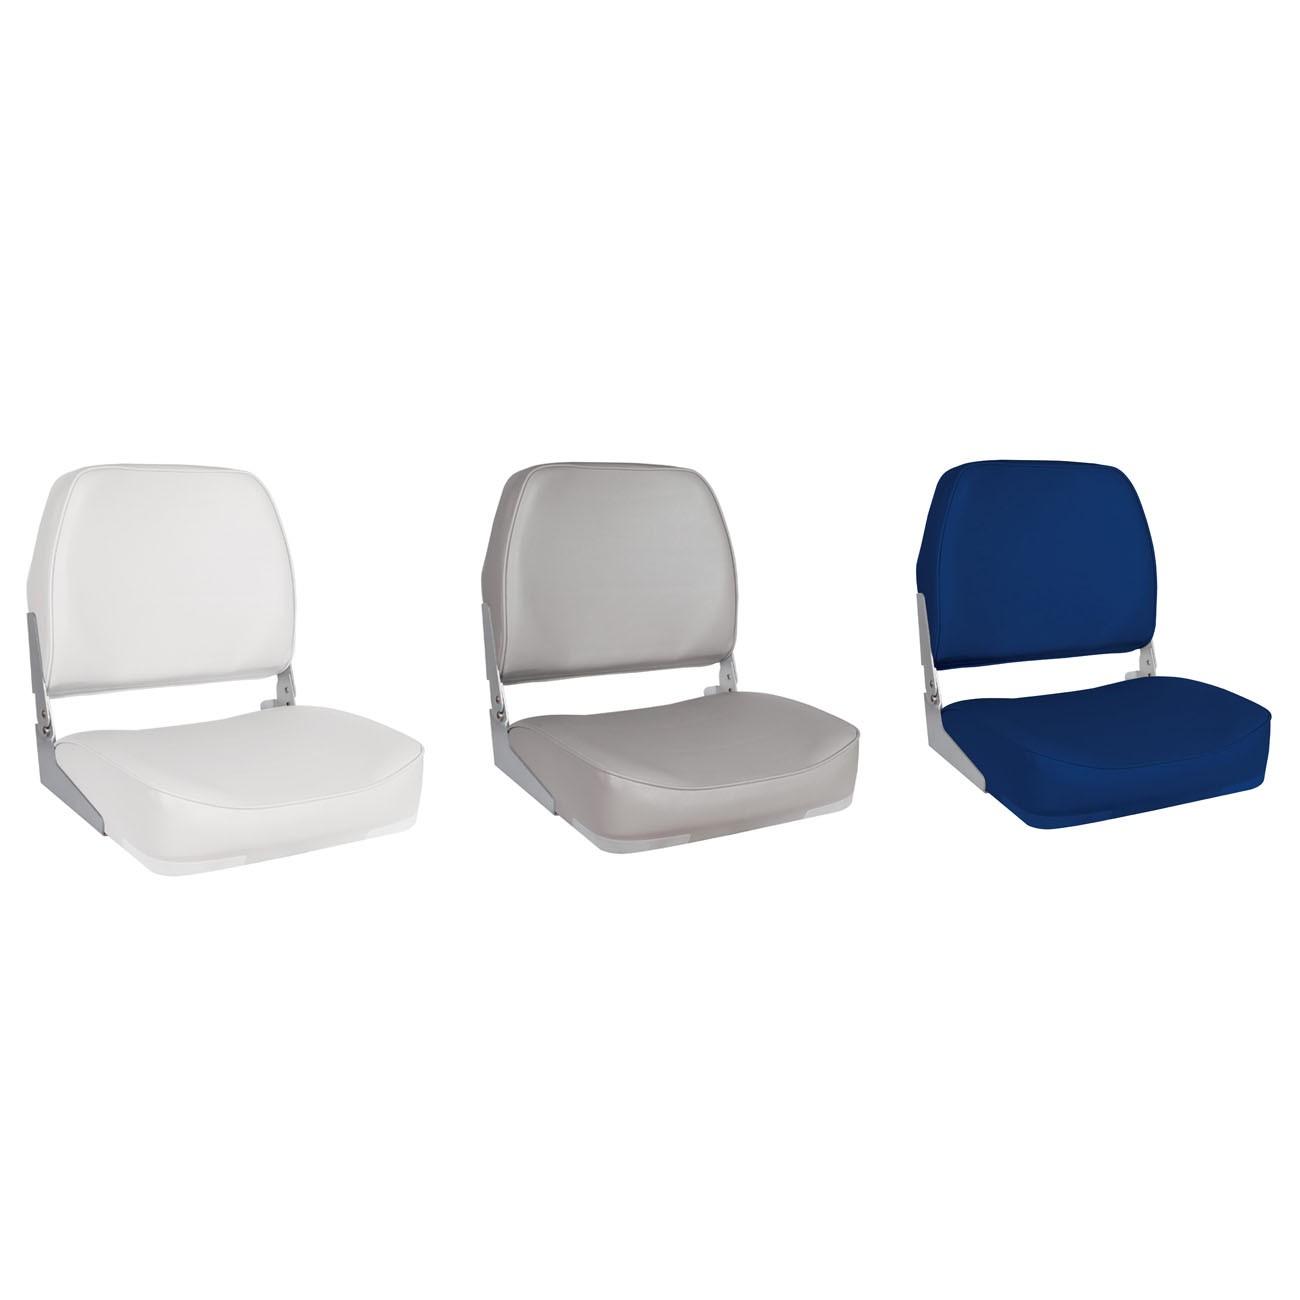 69.55 - Κάθισμα Αναδιπλούμενο Χρώματος Γκρι